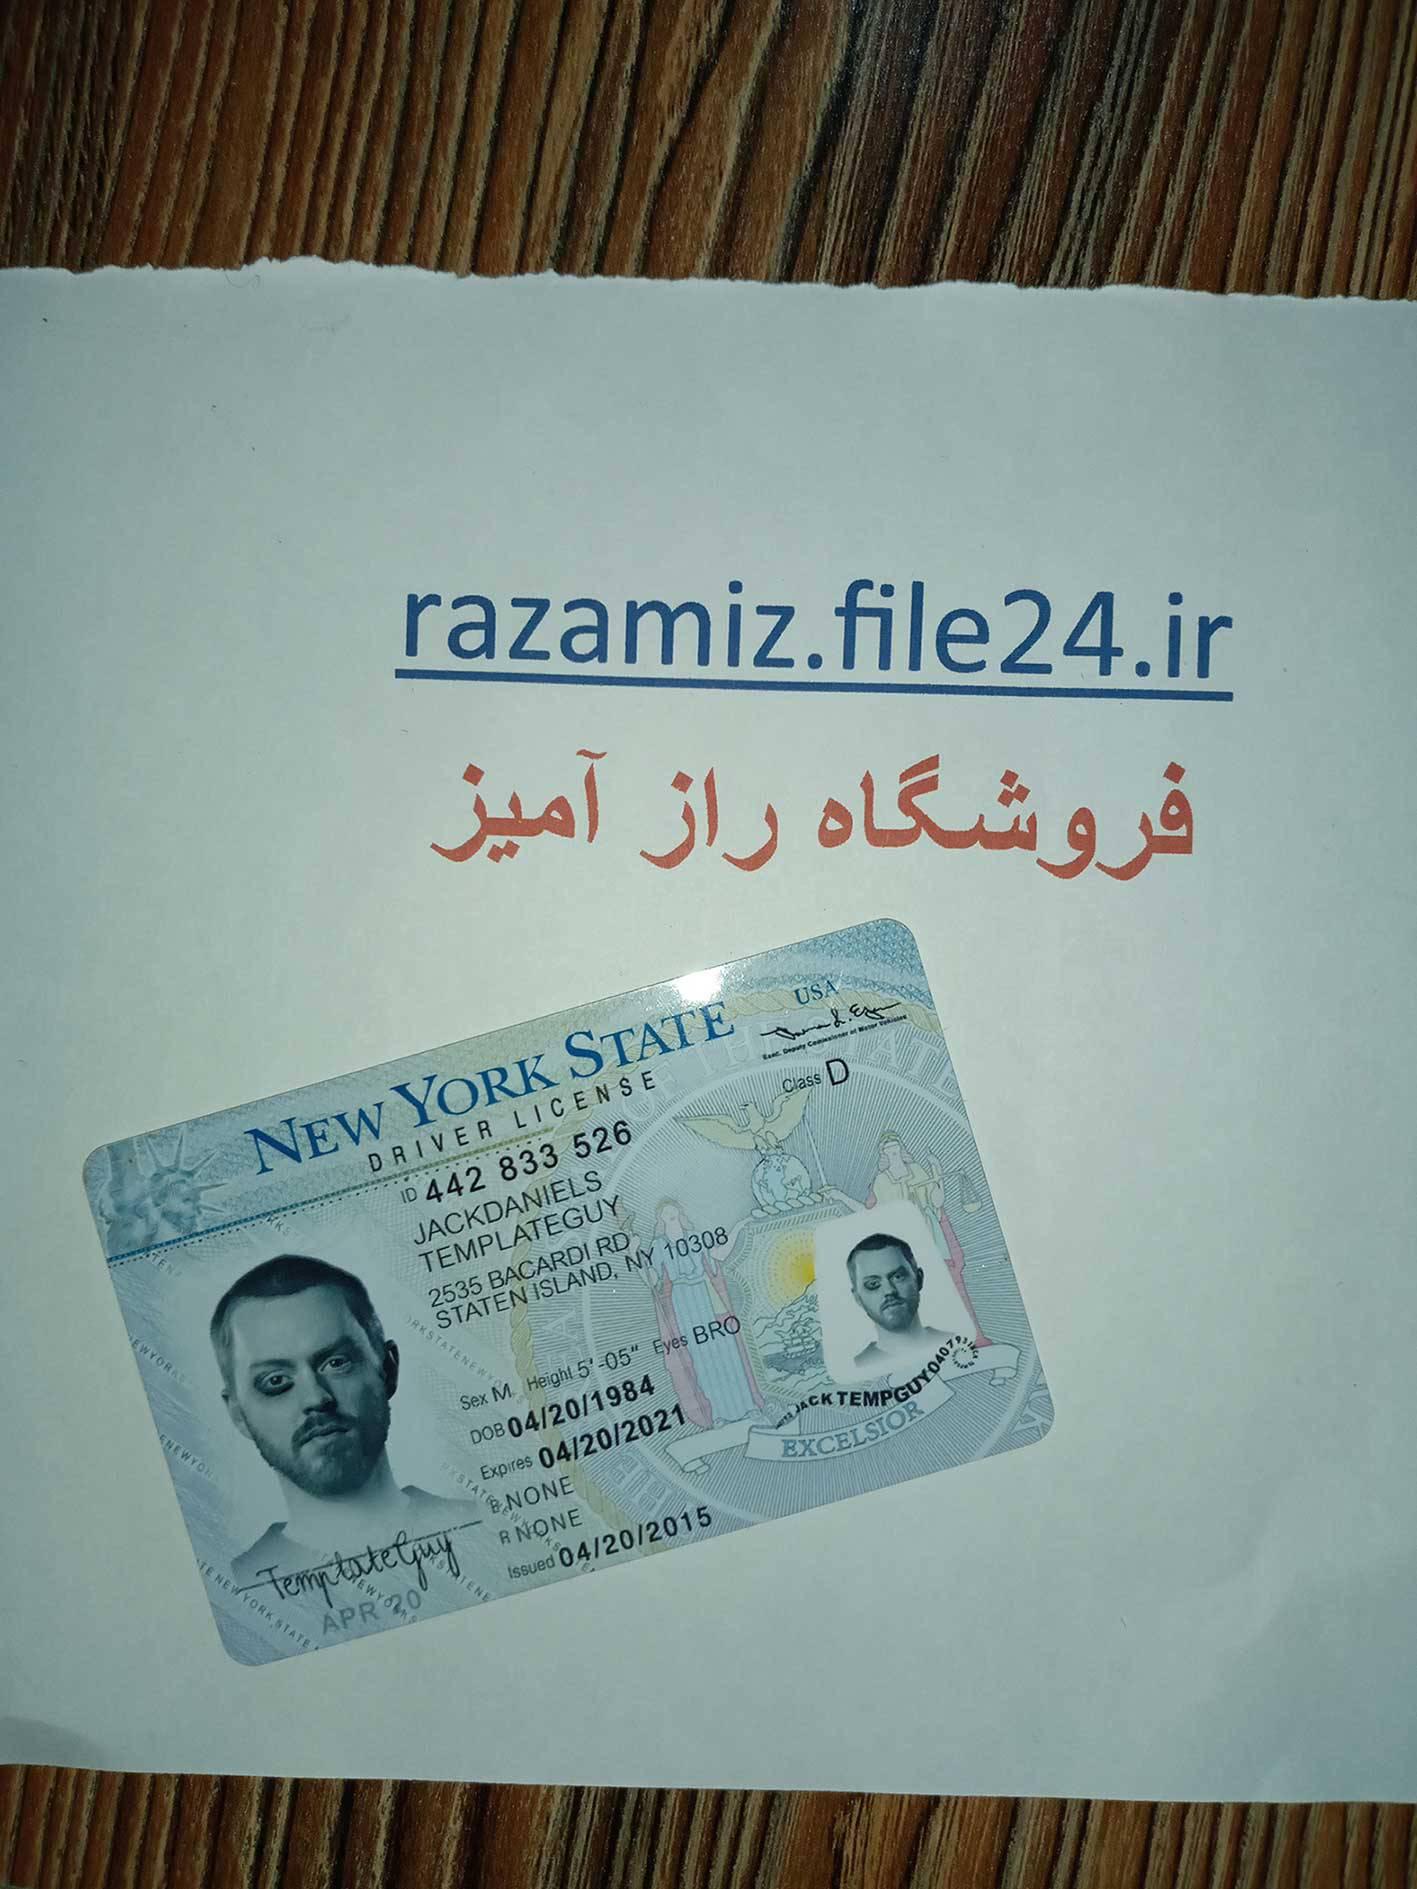 کارت چاپ شده گواهینامه نیویورک